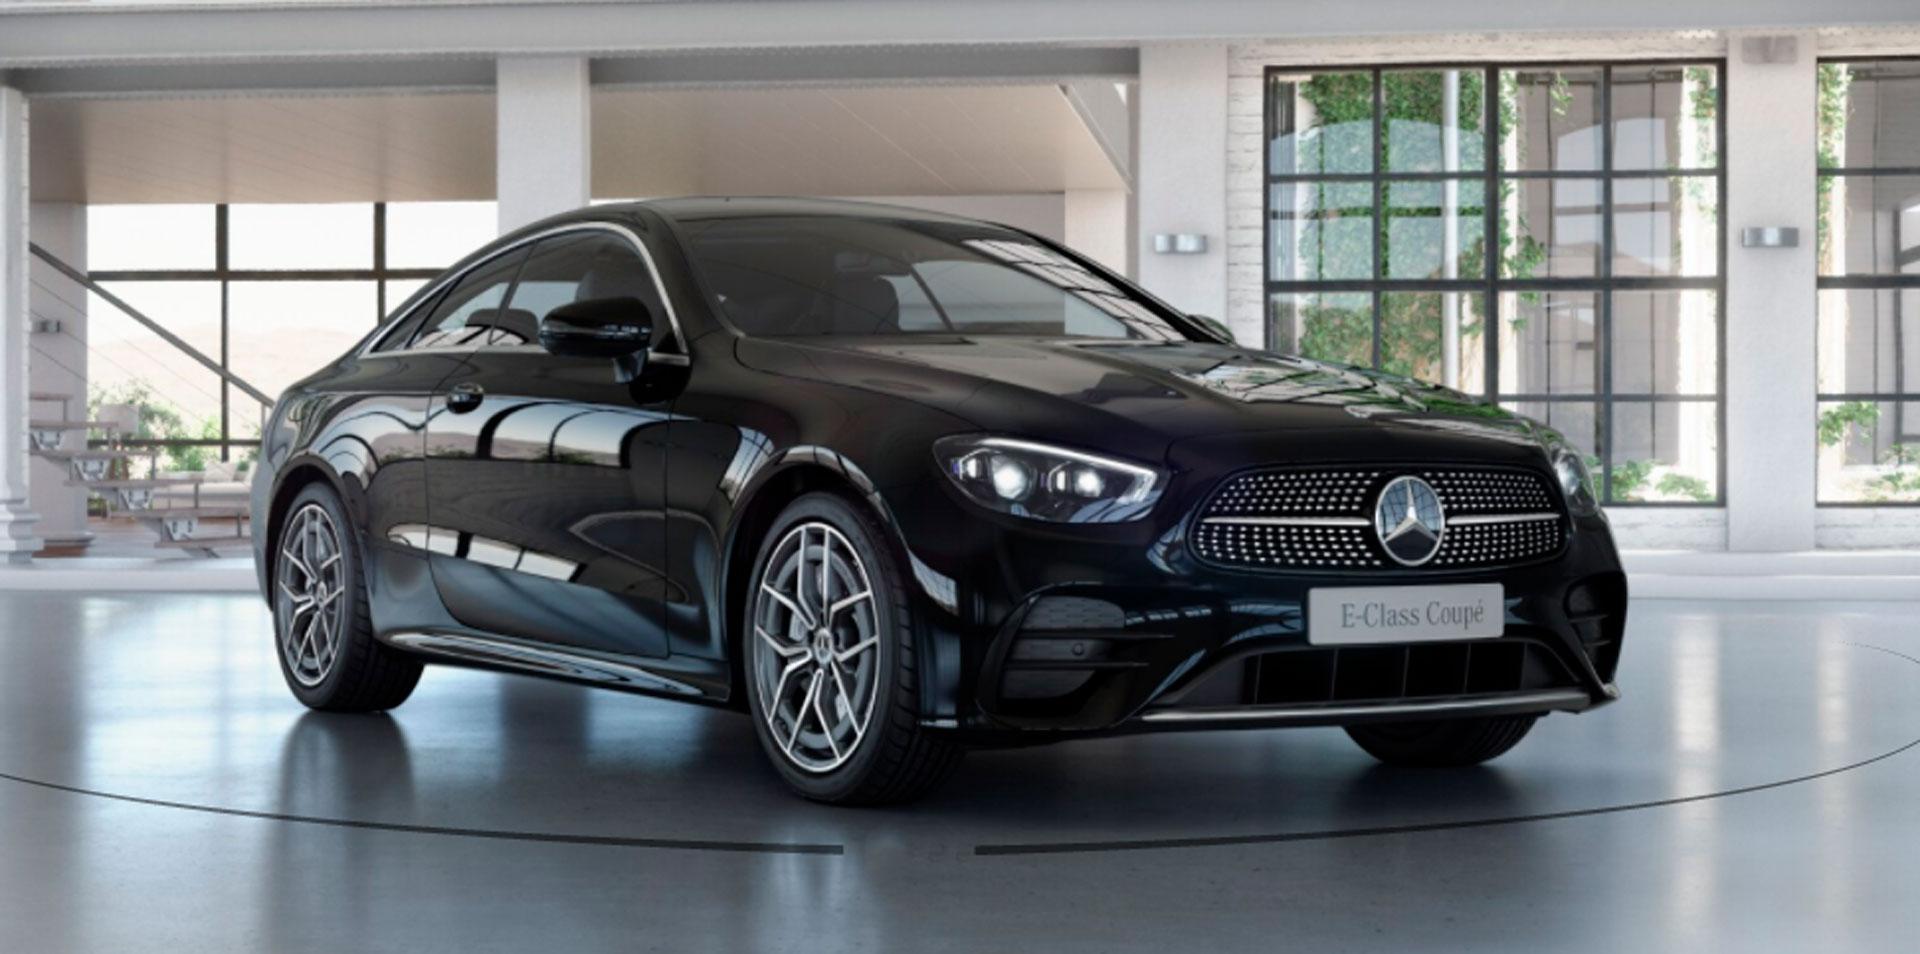 Mercedes-Benz E-Class Coupe 0152607047